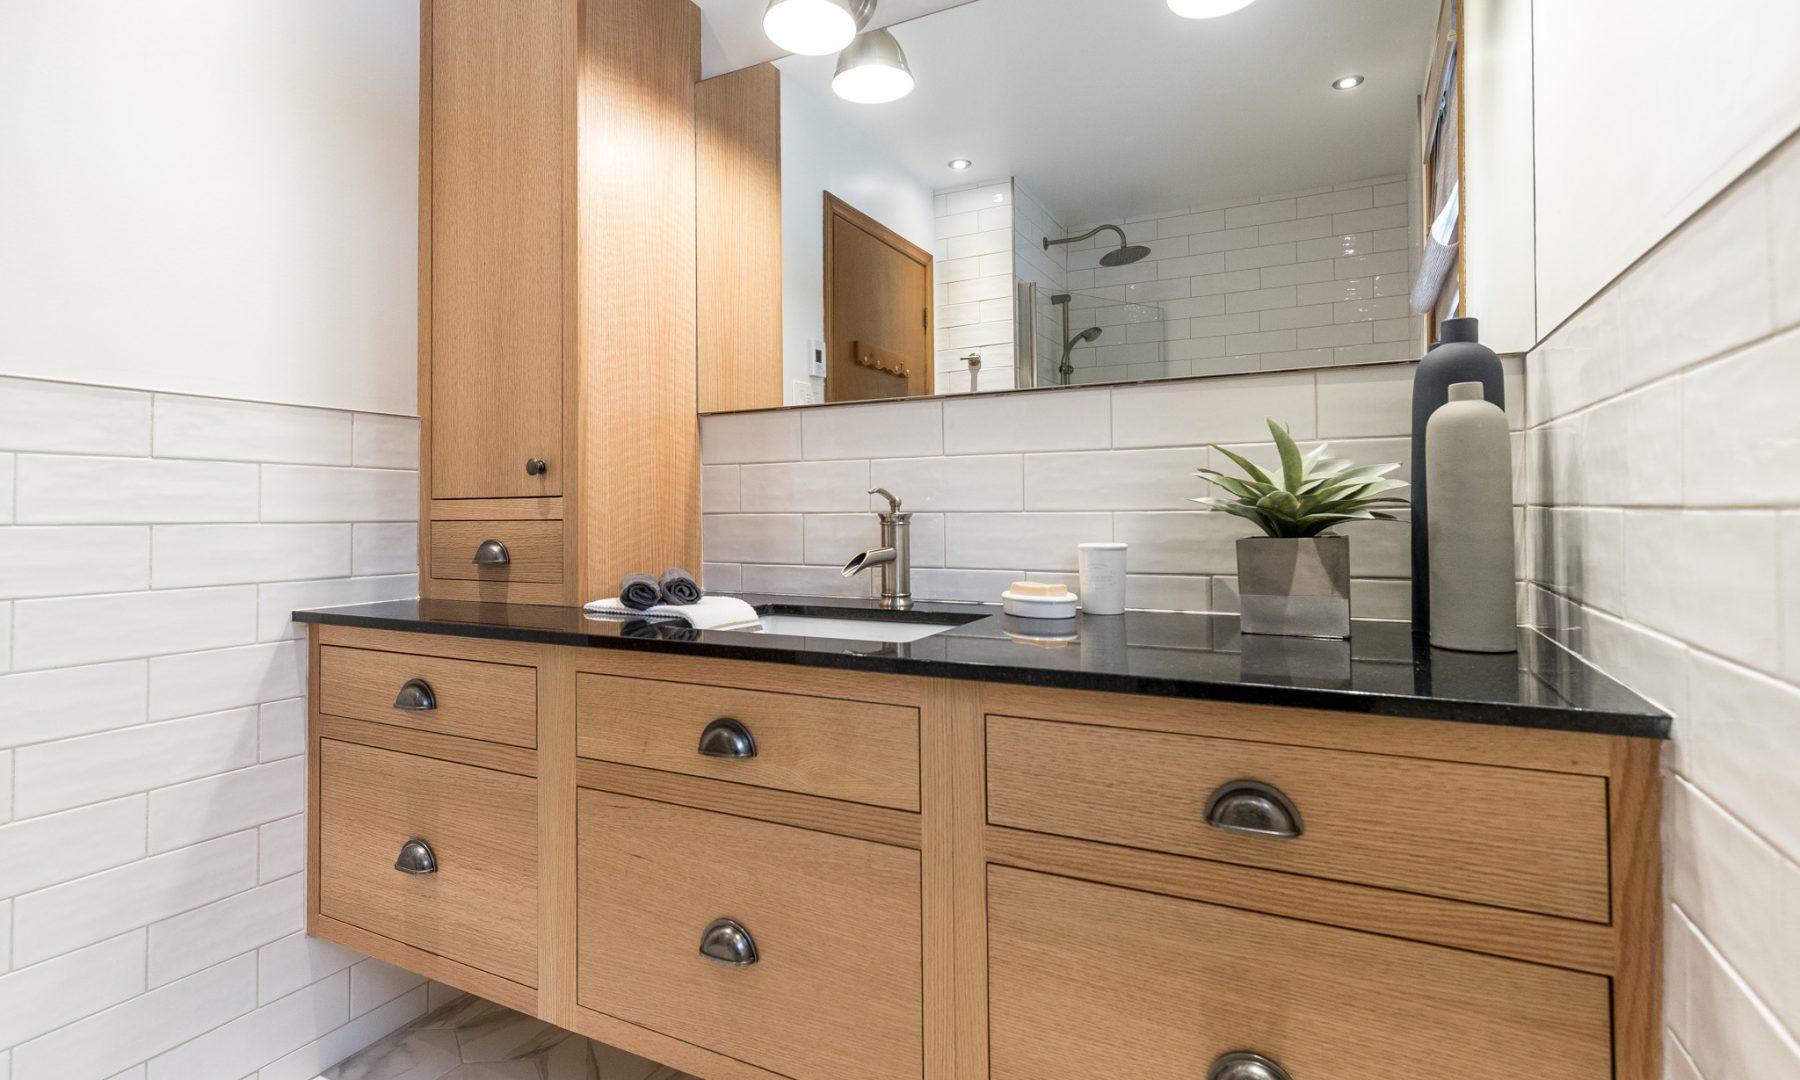 Cabico Custom Cabinets - Projet salle de bain Red Oak Leaf - vue d'ensemble